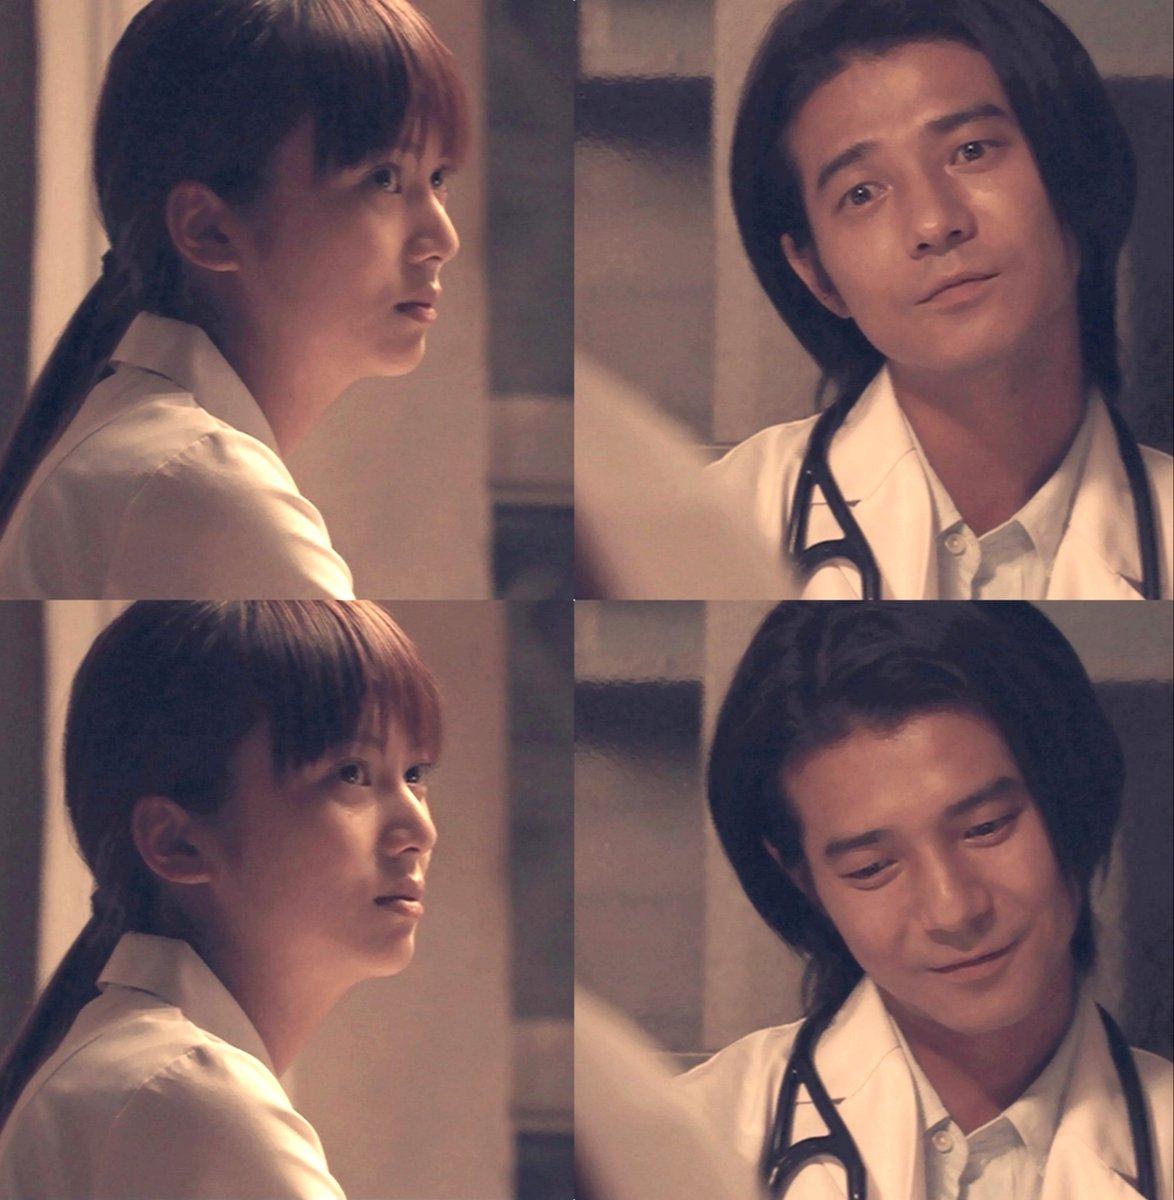 コトー 最終 回 ドクター Dr.コトー診療所(11話)の見逃し配信&ネタバレ感想!最終回!新たな旅立ち